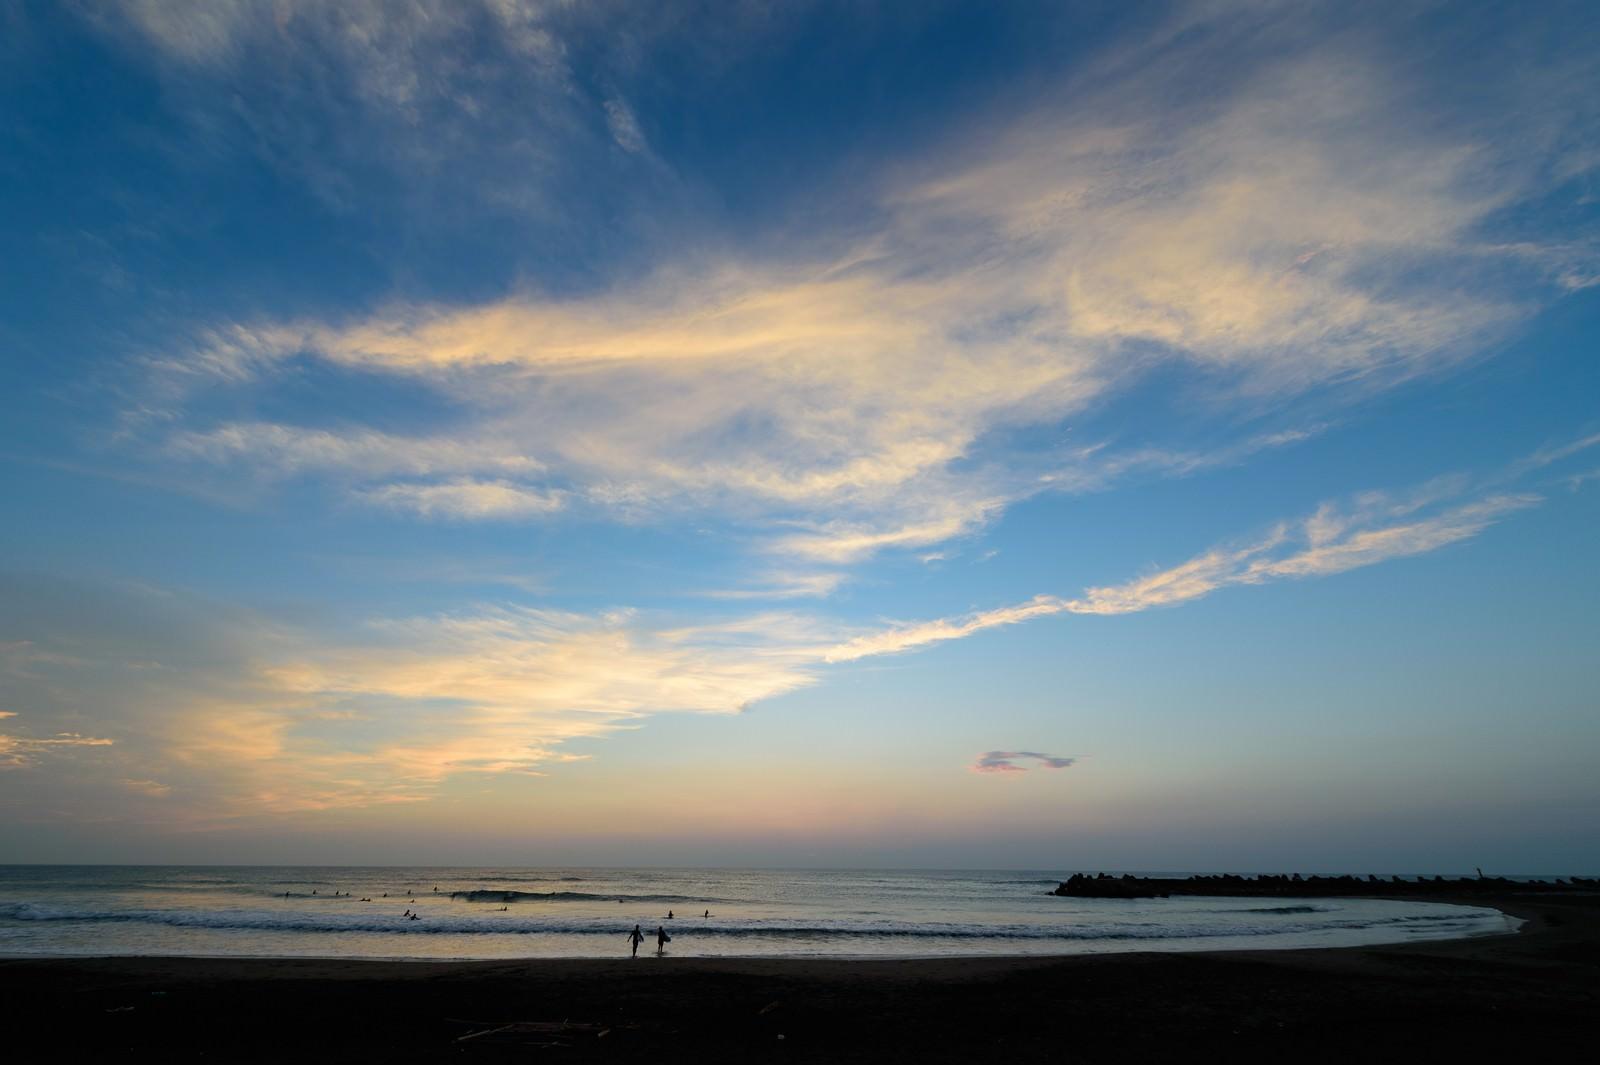 「朝焼けの一宮海岸とサーファー達(千葉県一宮町)」の写真